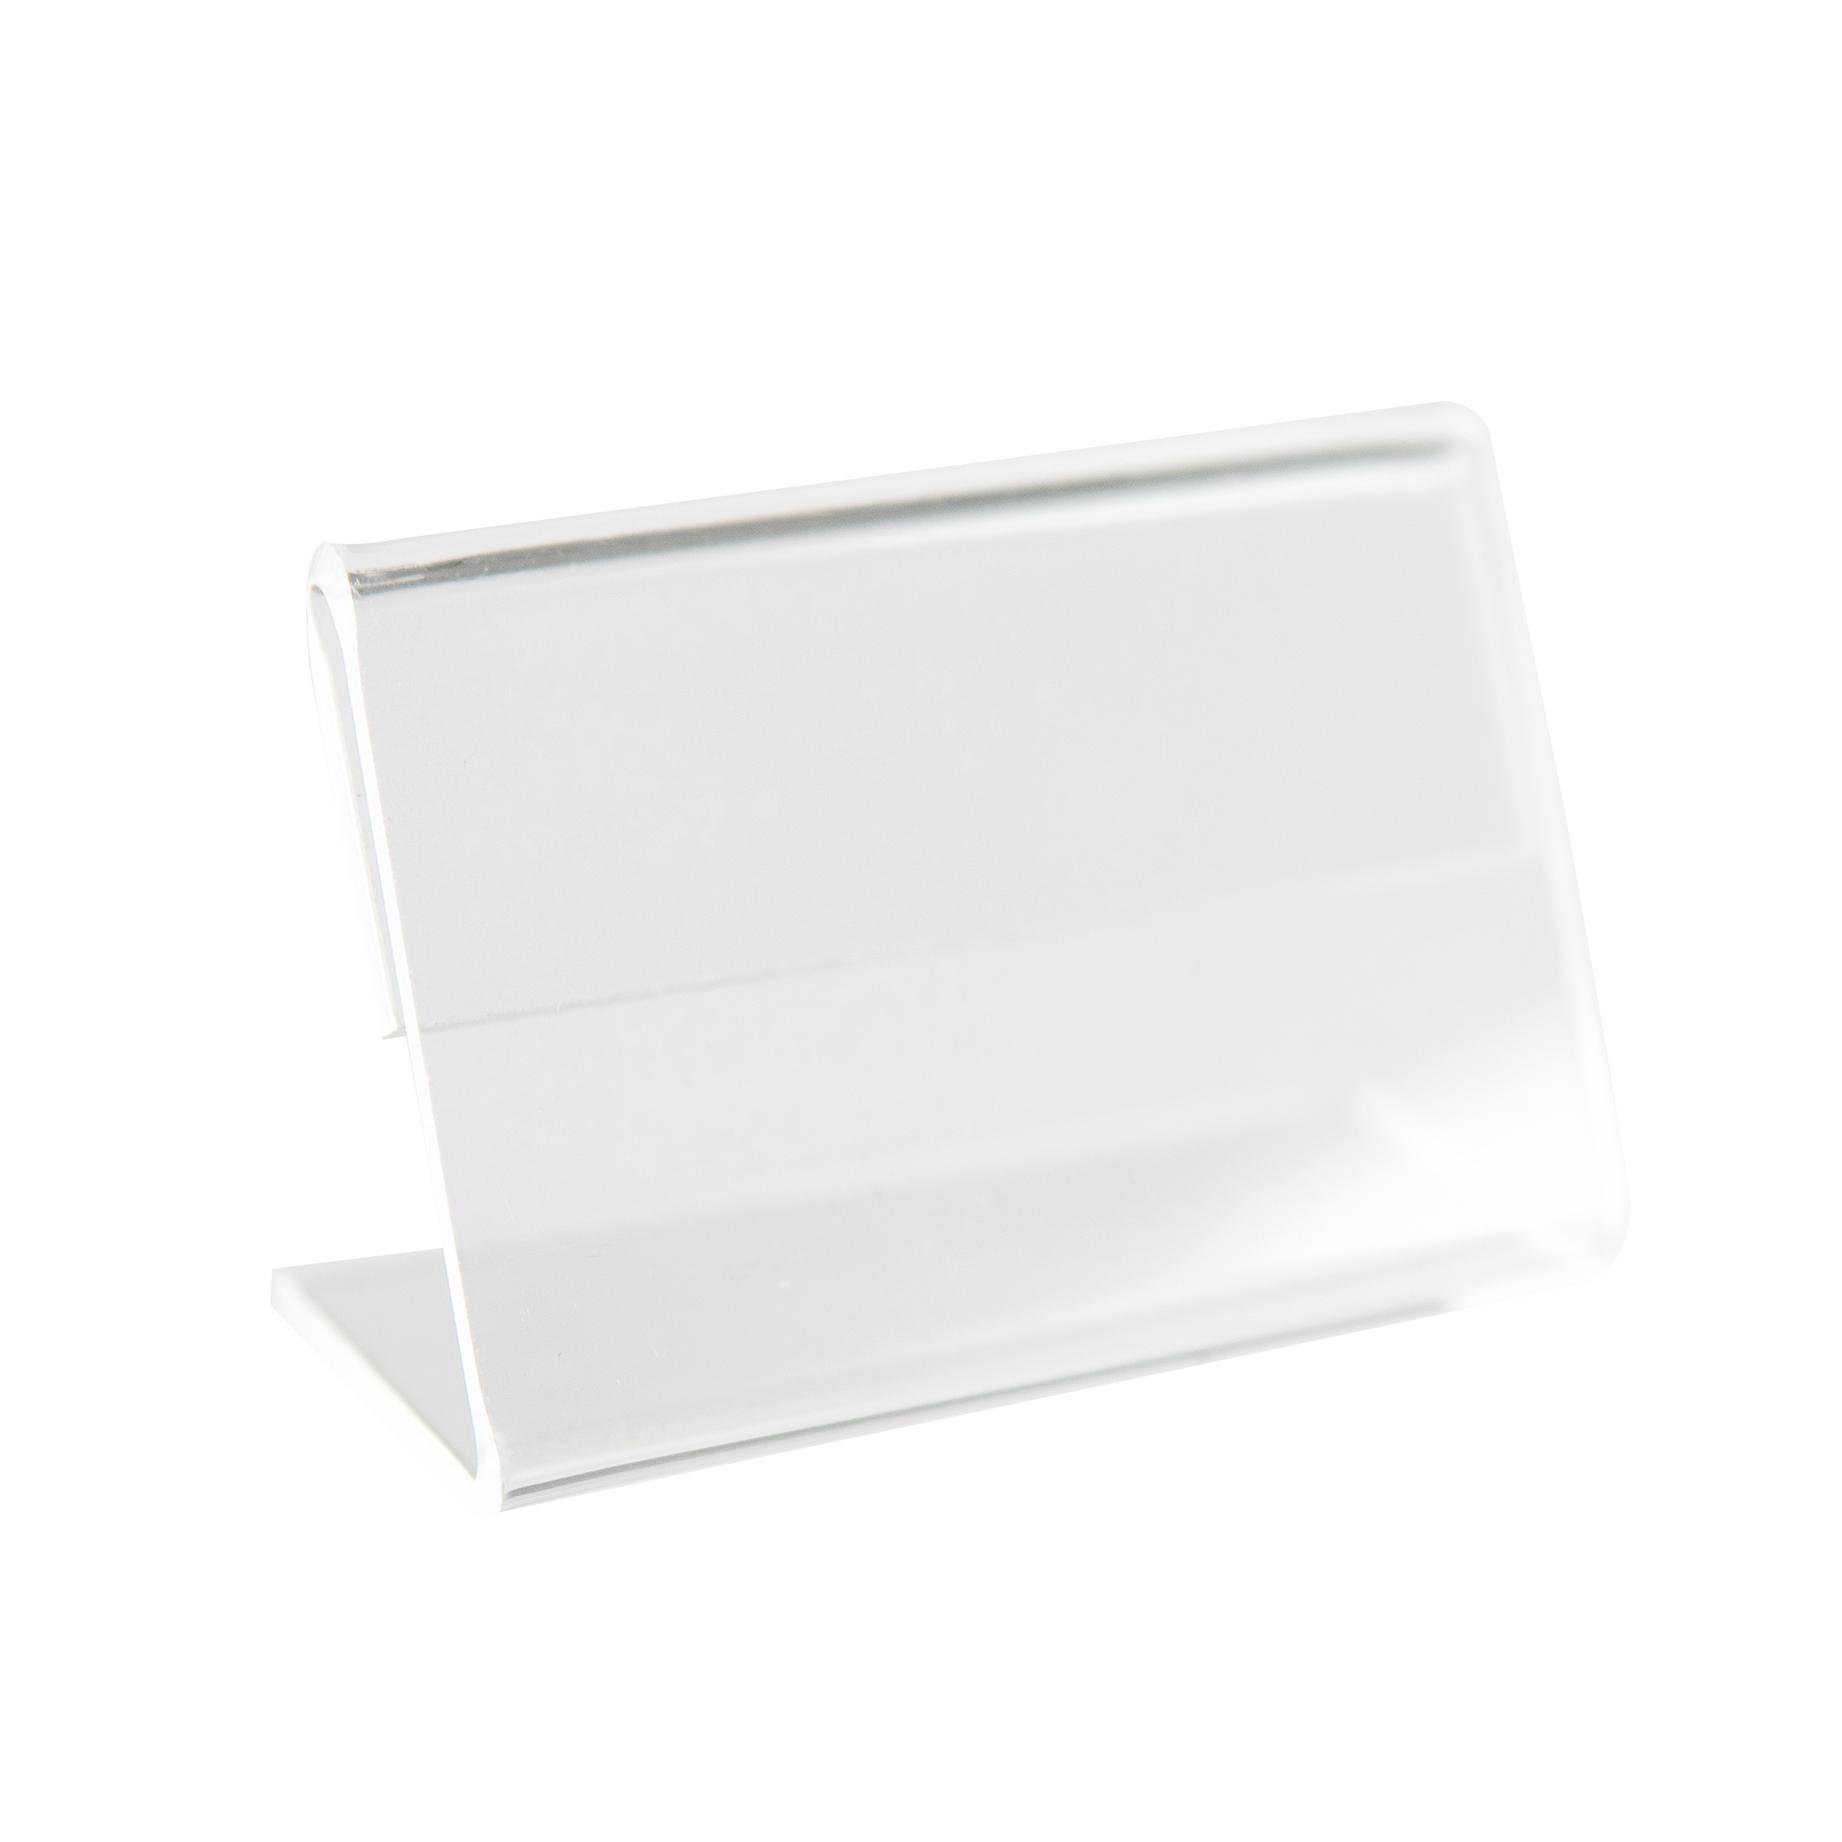 Kit Porta Preço Transparente 4x2,5cm - 10 Unidades